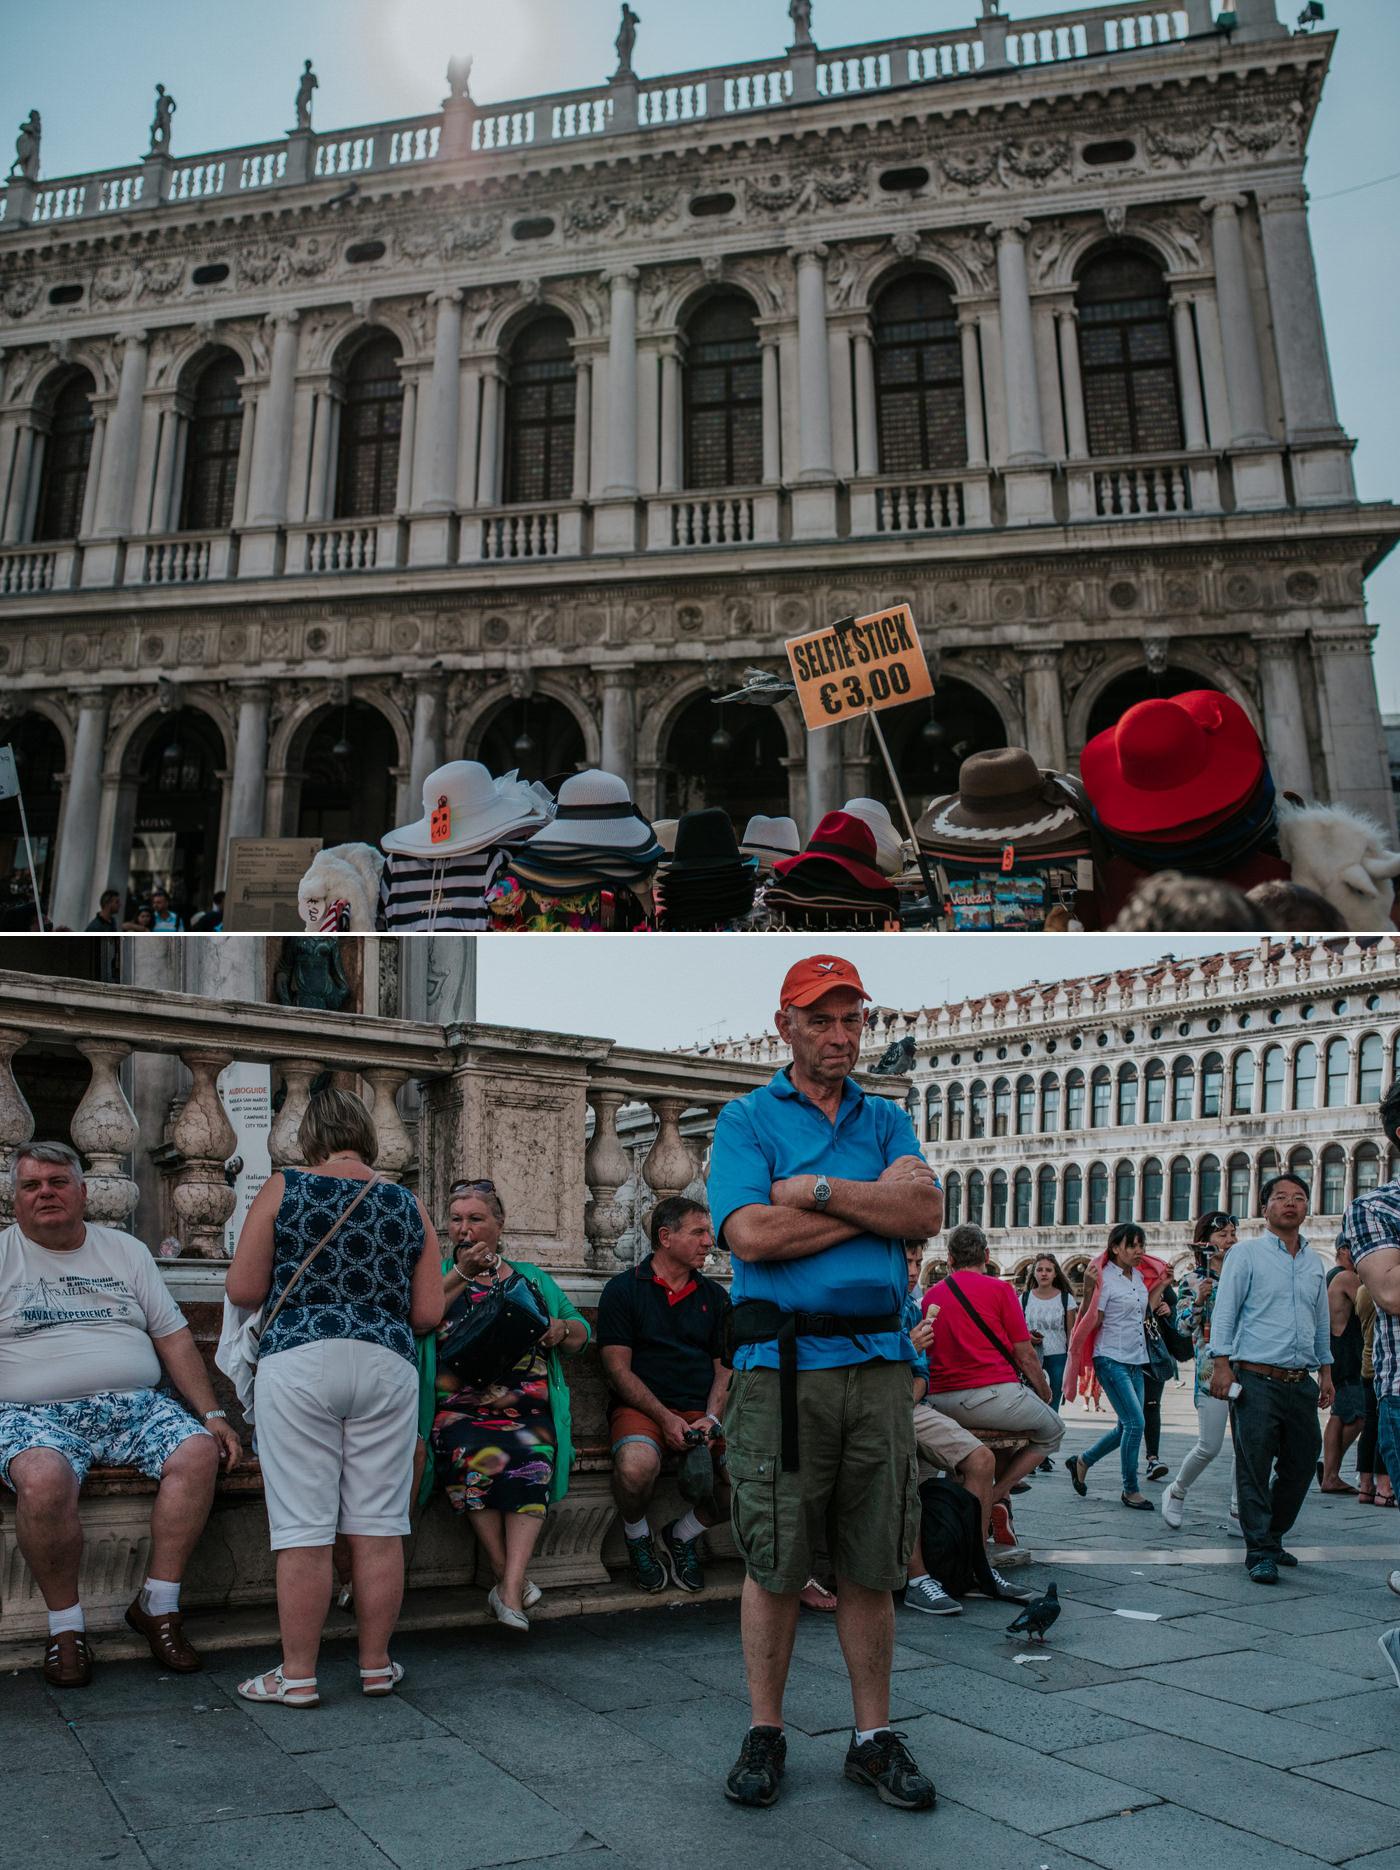 Venice_by_Piotr_Glodzik18